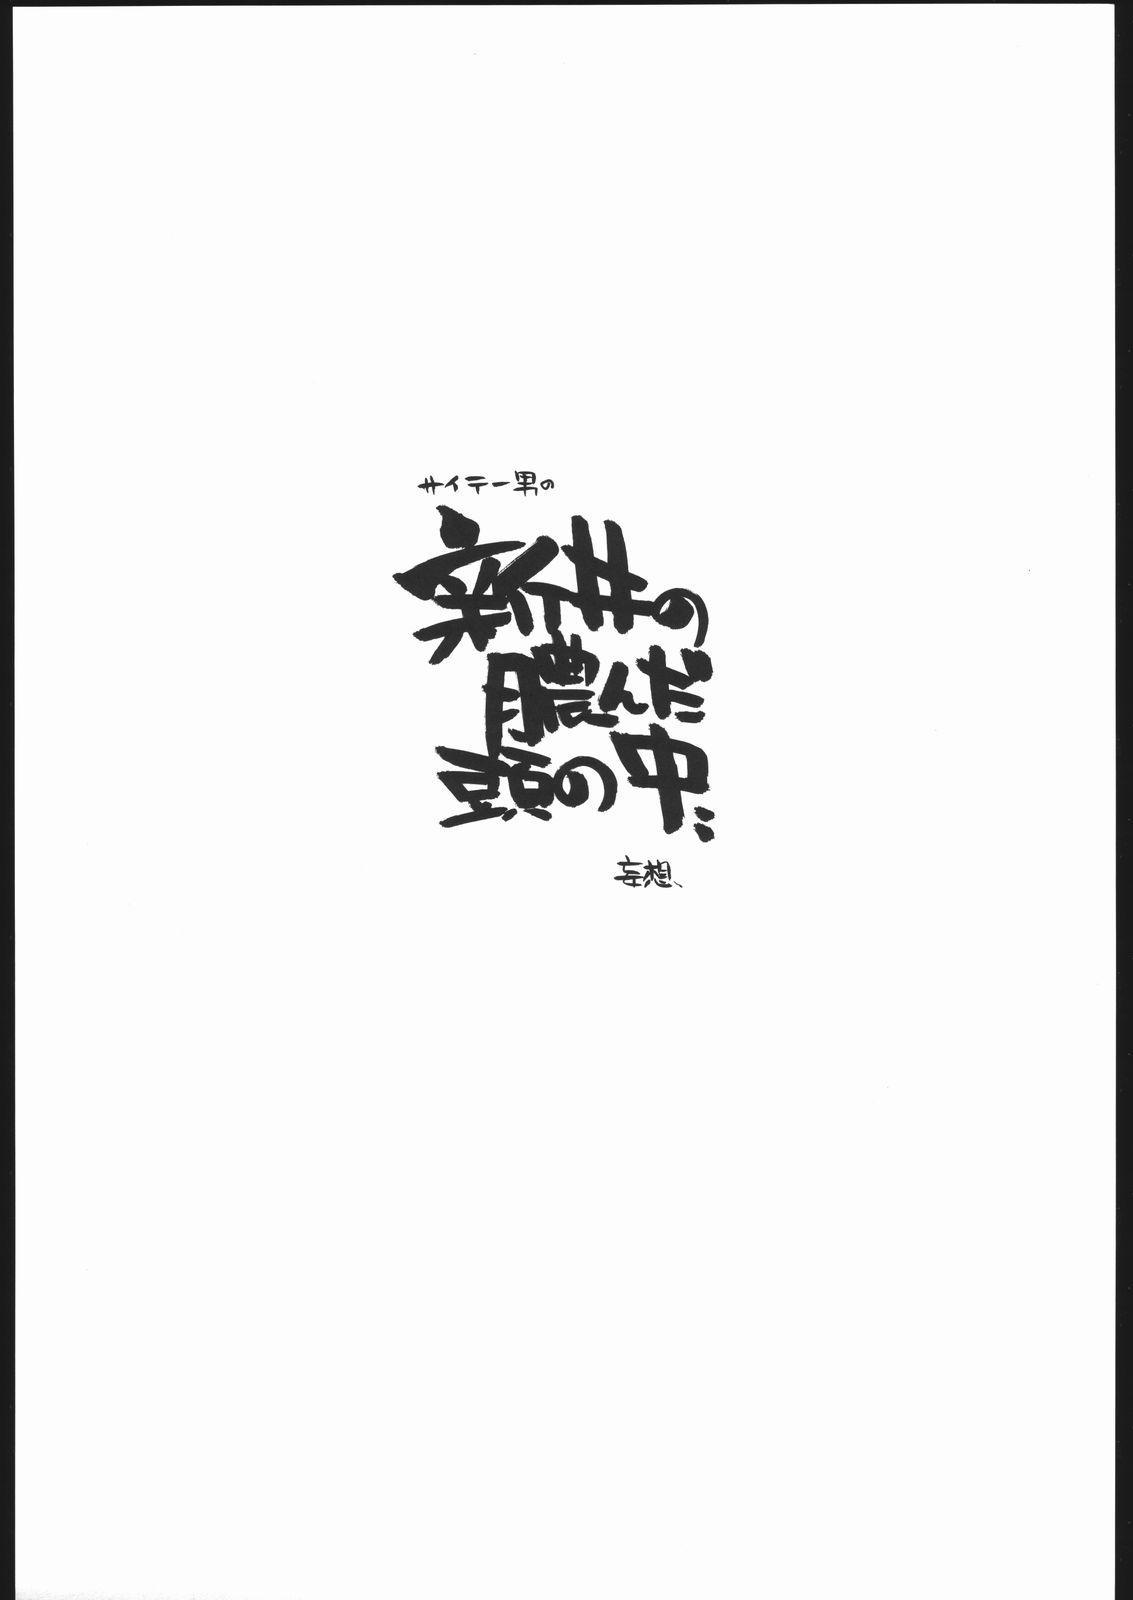 Mohsoh Note 1